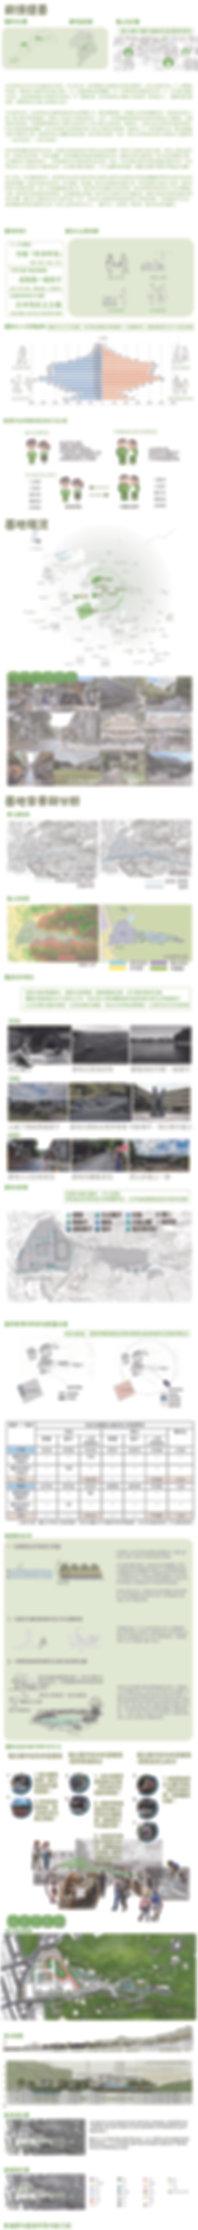 瑠公學習共同體-作品內容1.jpg